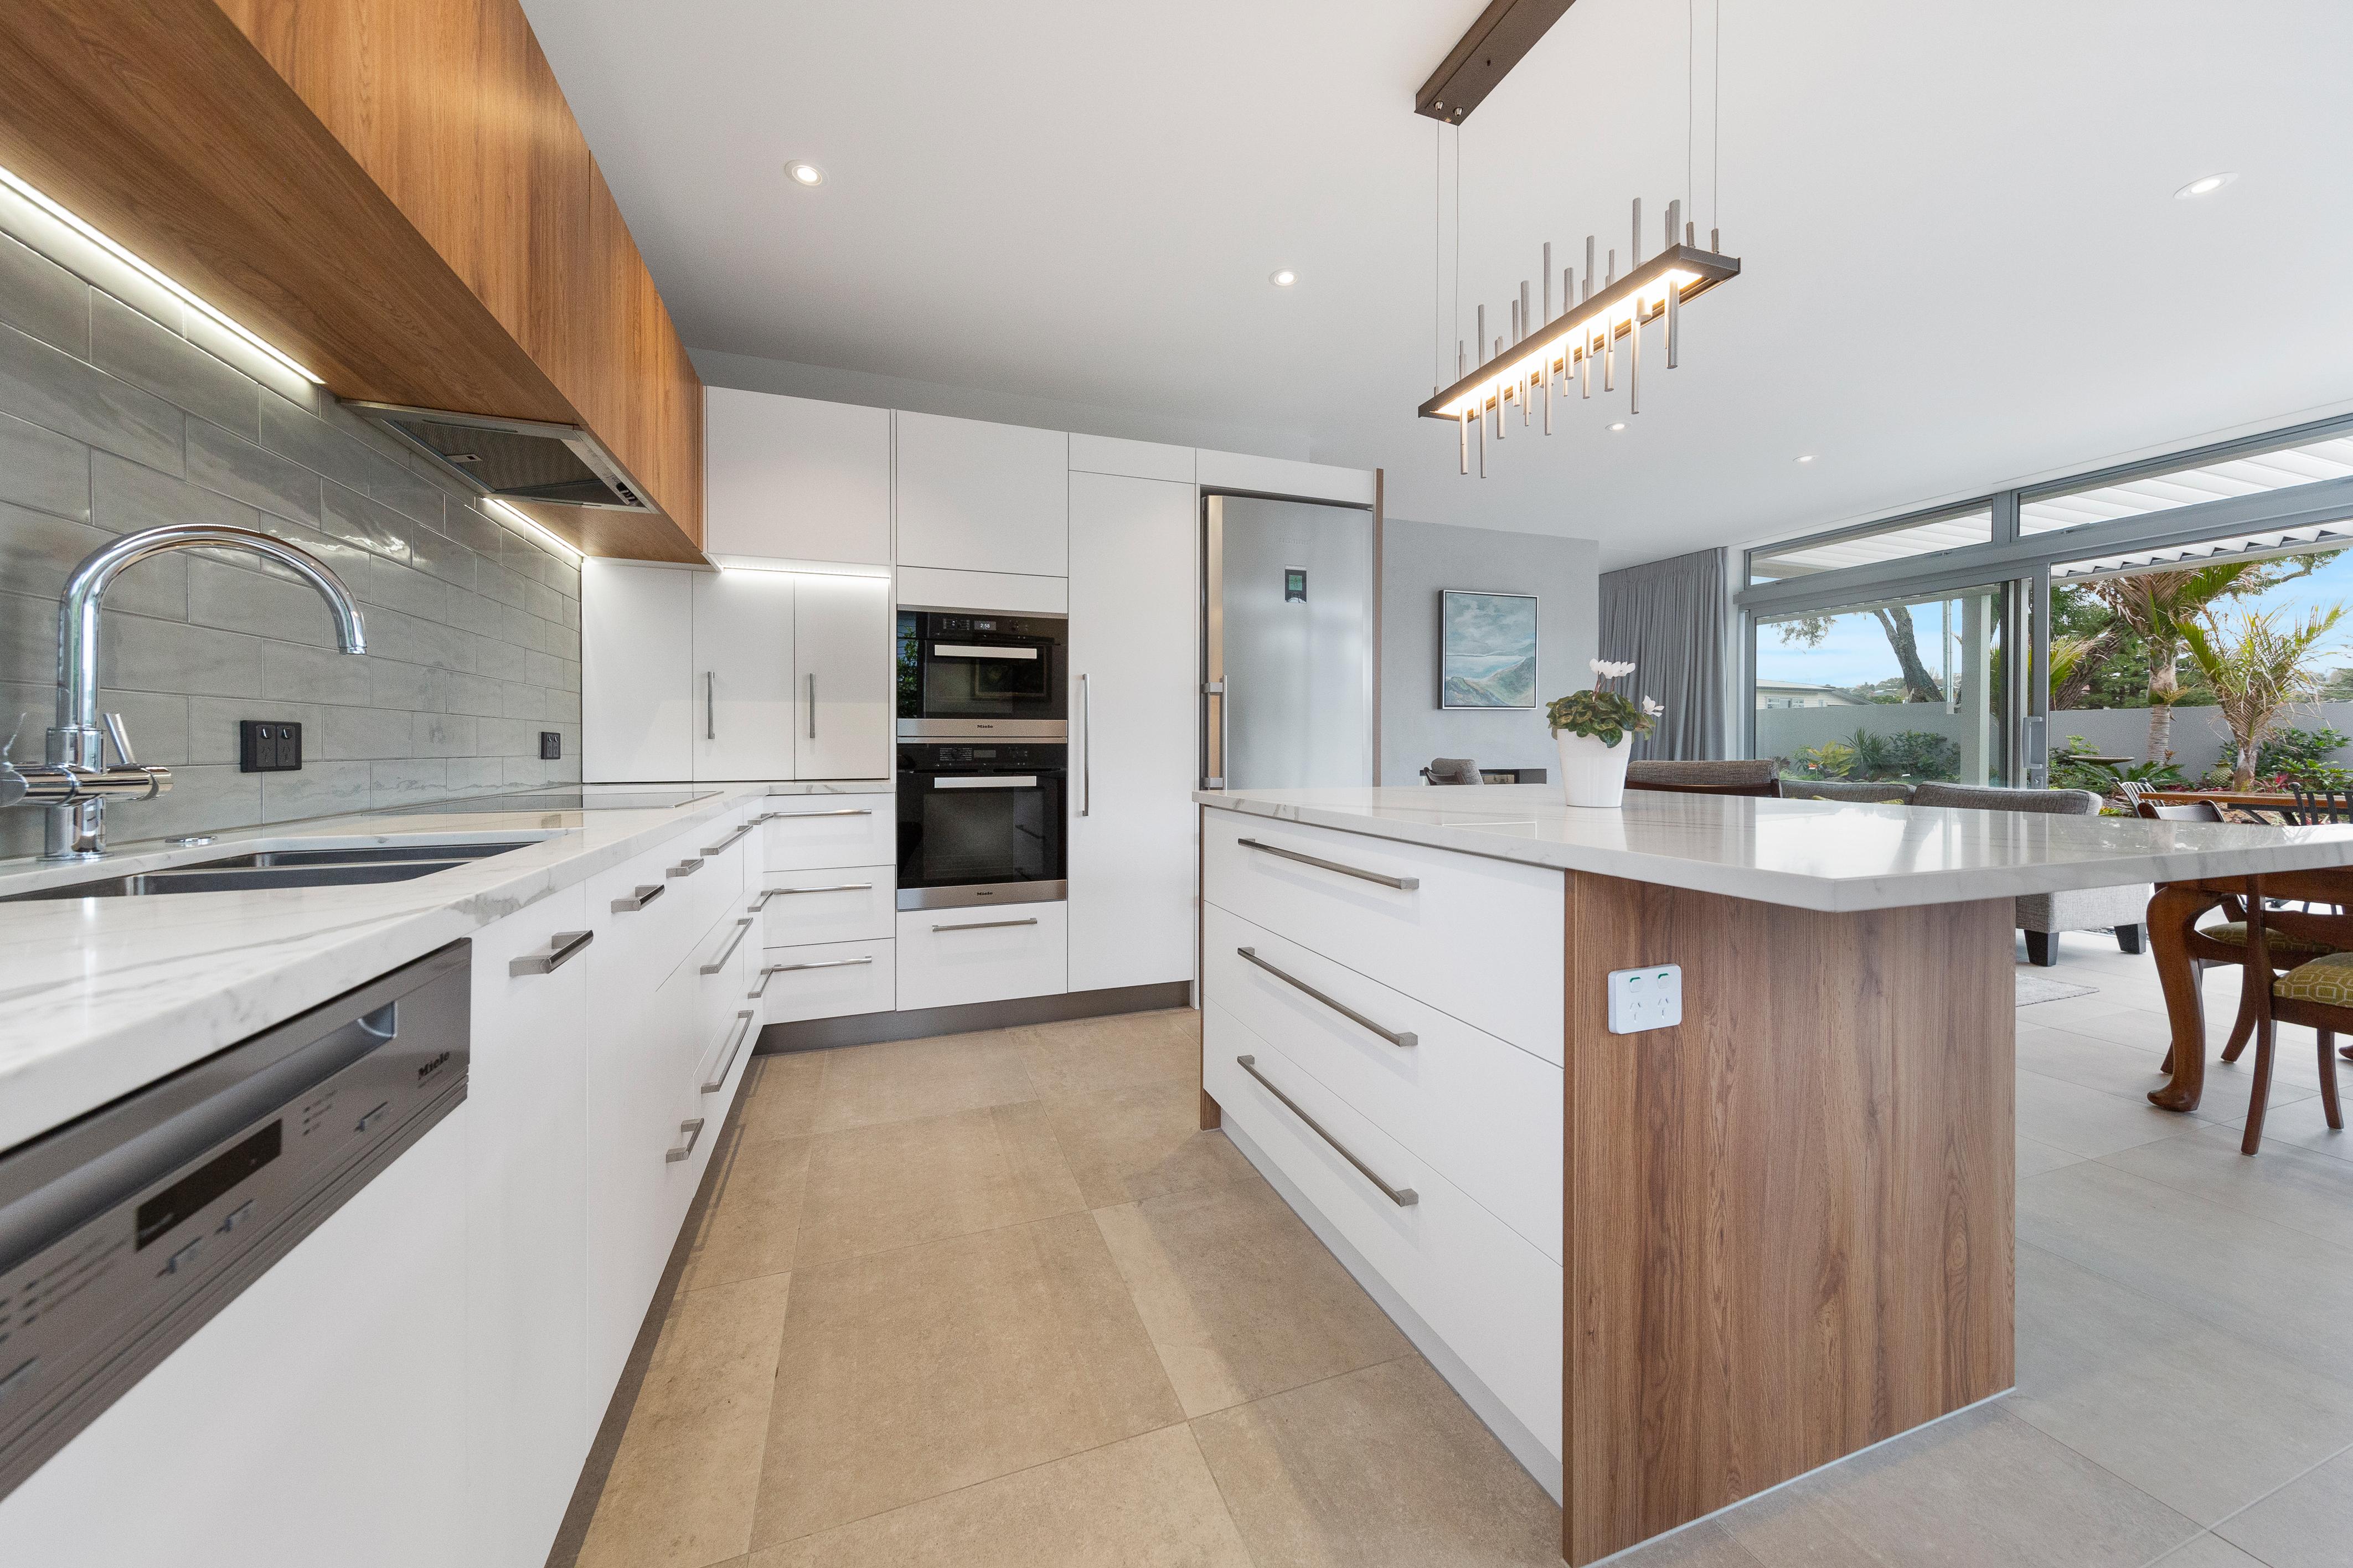 Clean modern lines in kitchen